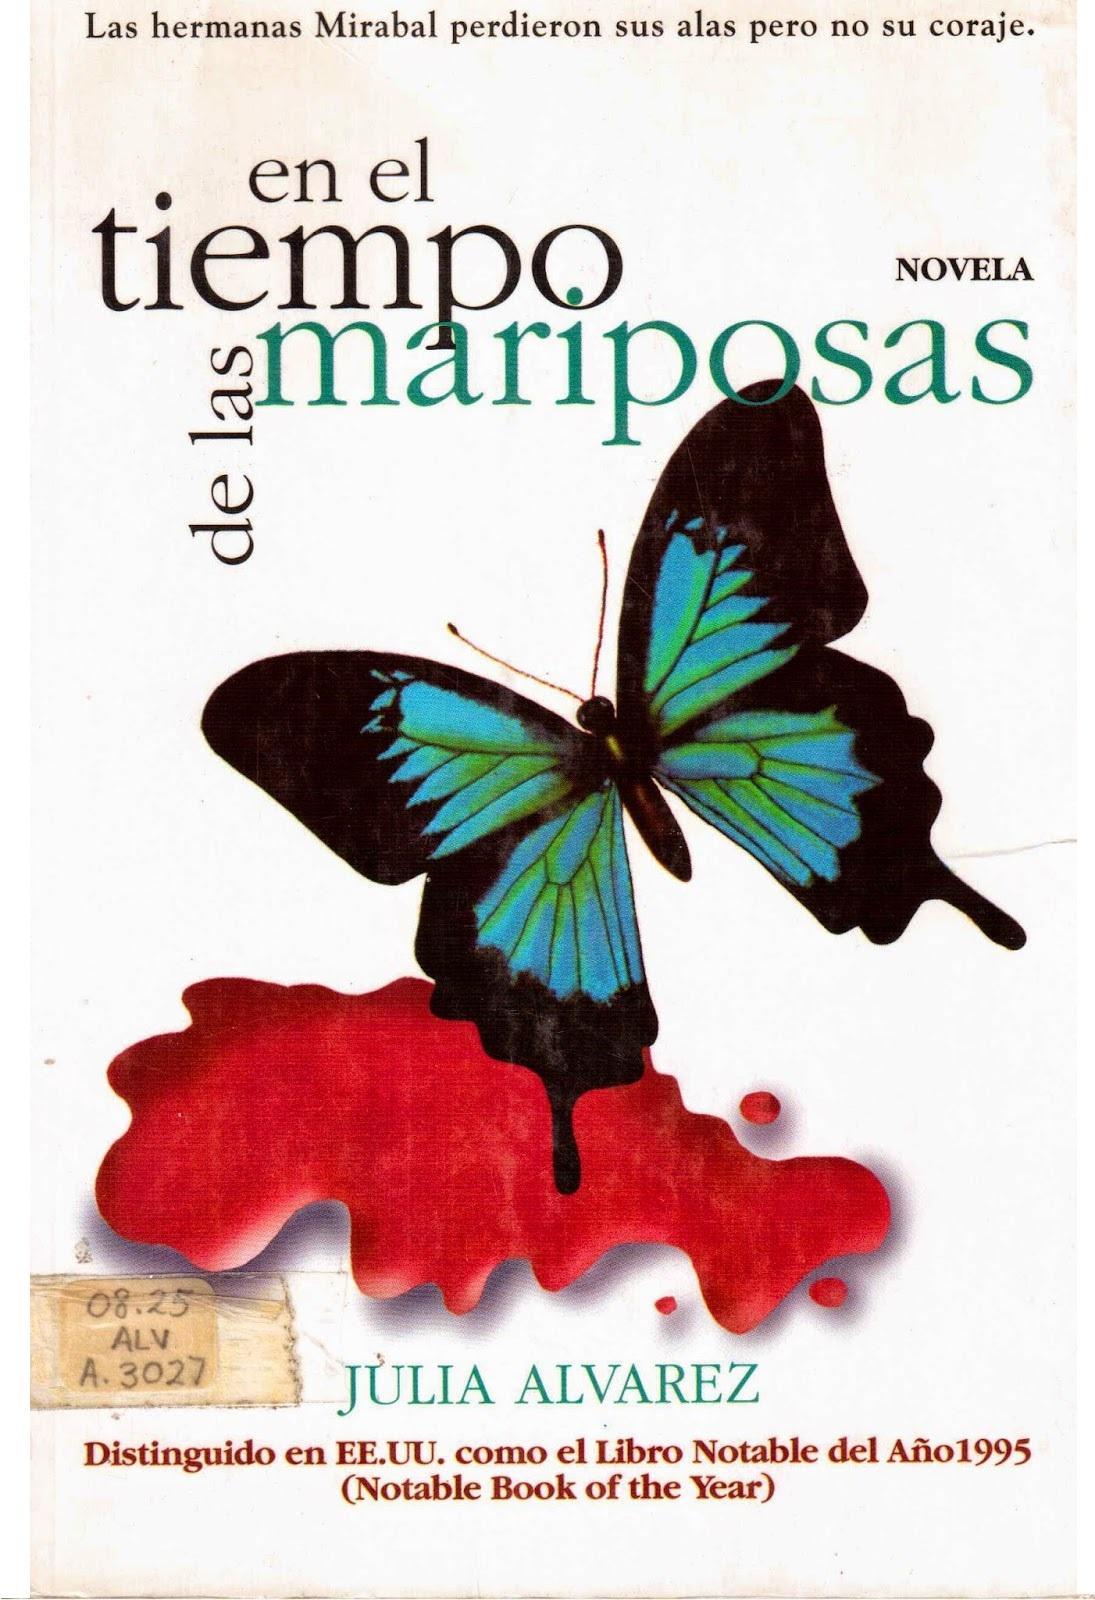 Consumiendo palabras en el tiempo de las mariposas - El tiempo dos hermanas aemet ...